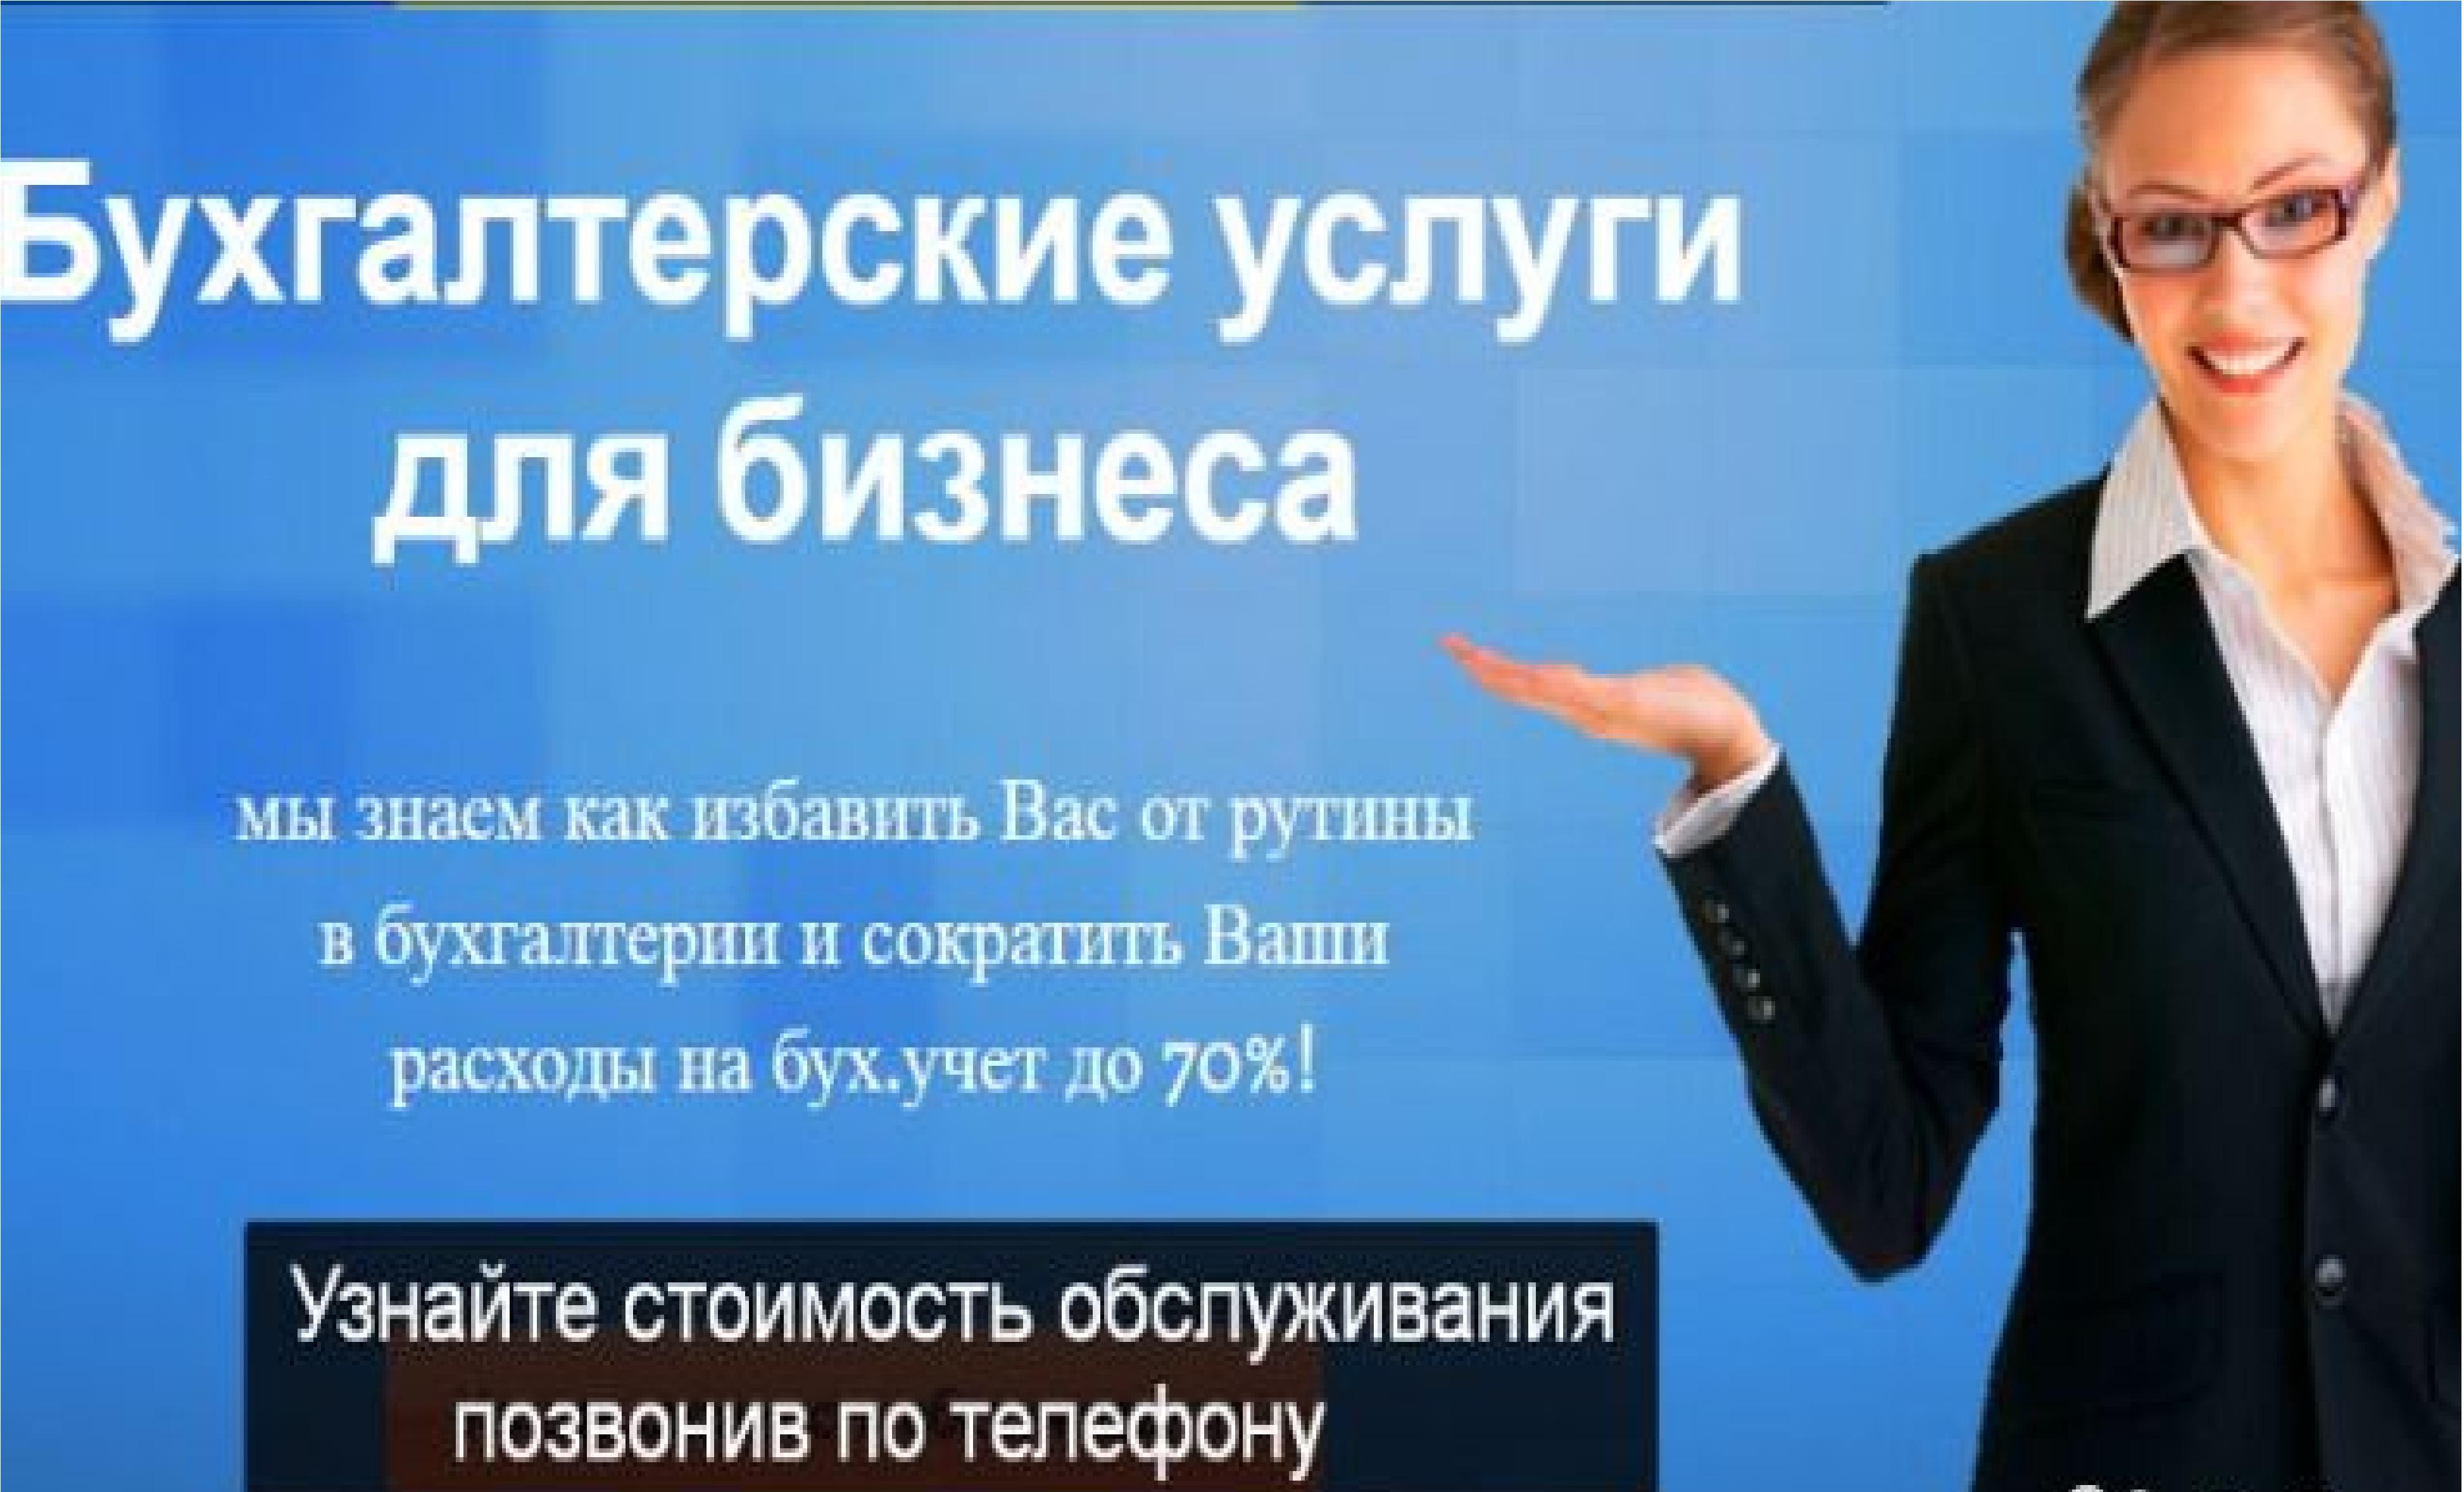 Услуги бухгалтера на дому тула курсы бухгалтеров рейтинг в москве